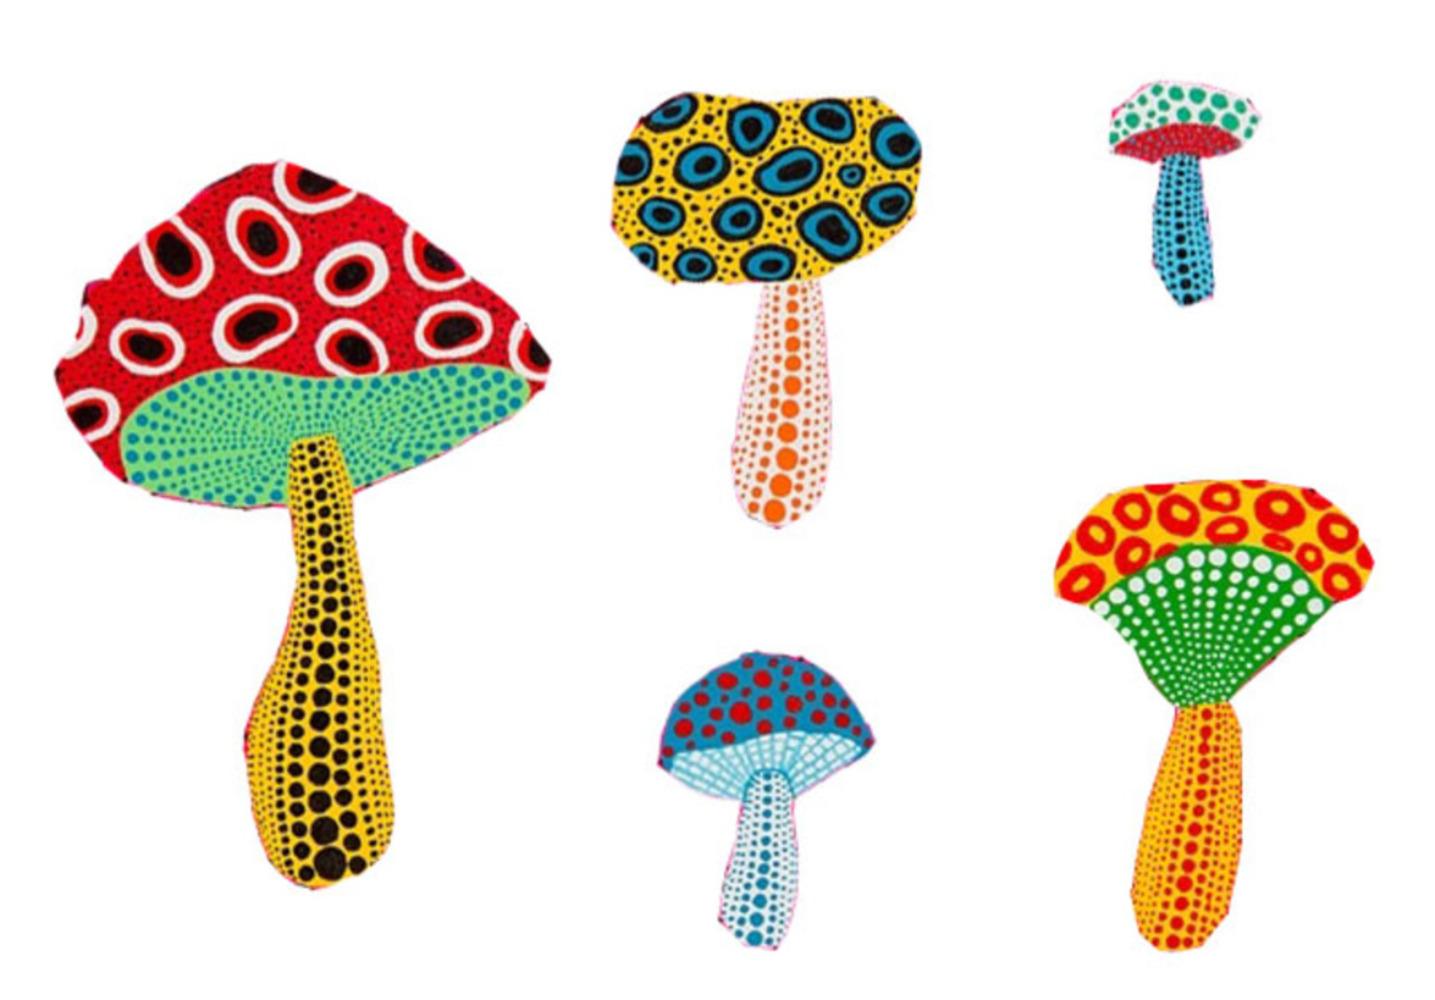 Mushrooms 1995 copy.thumb